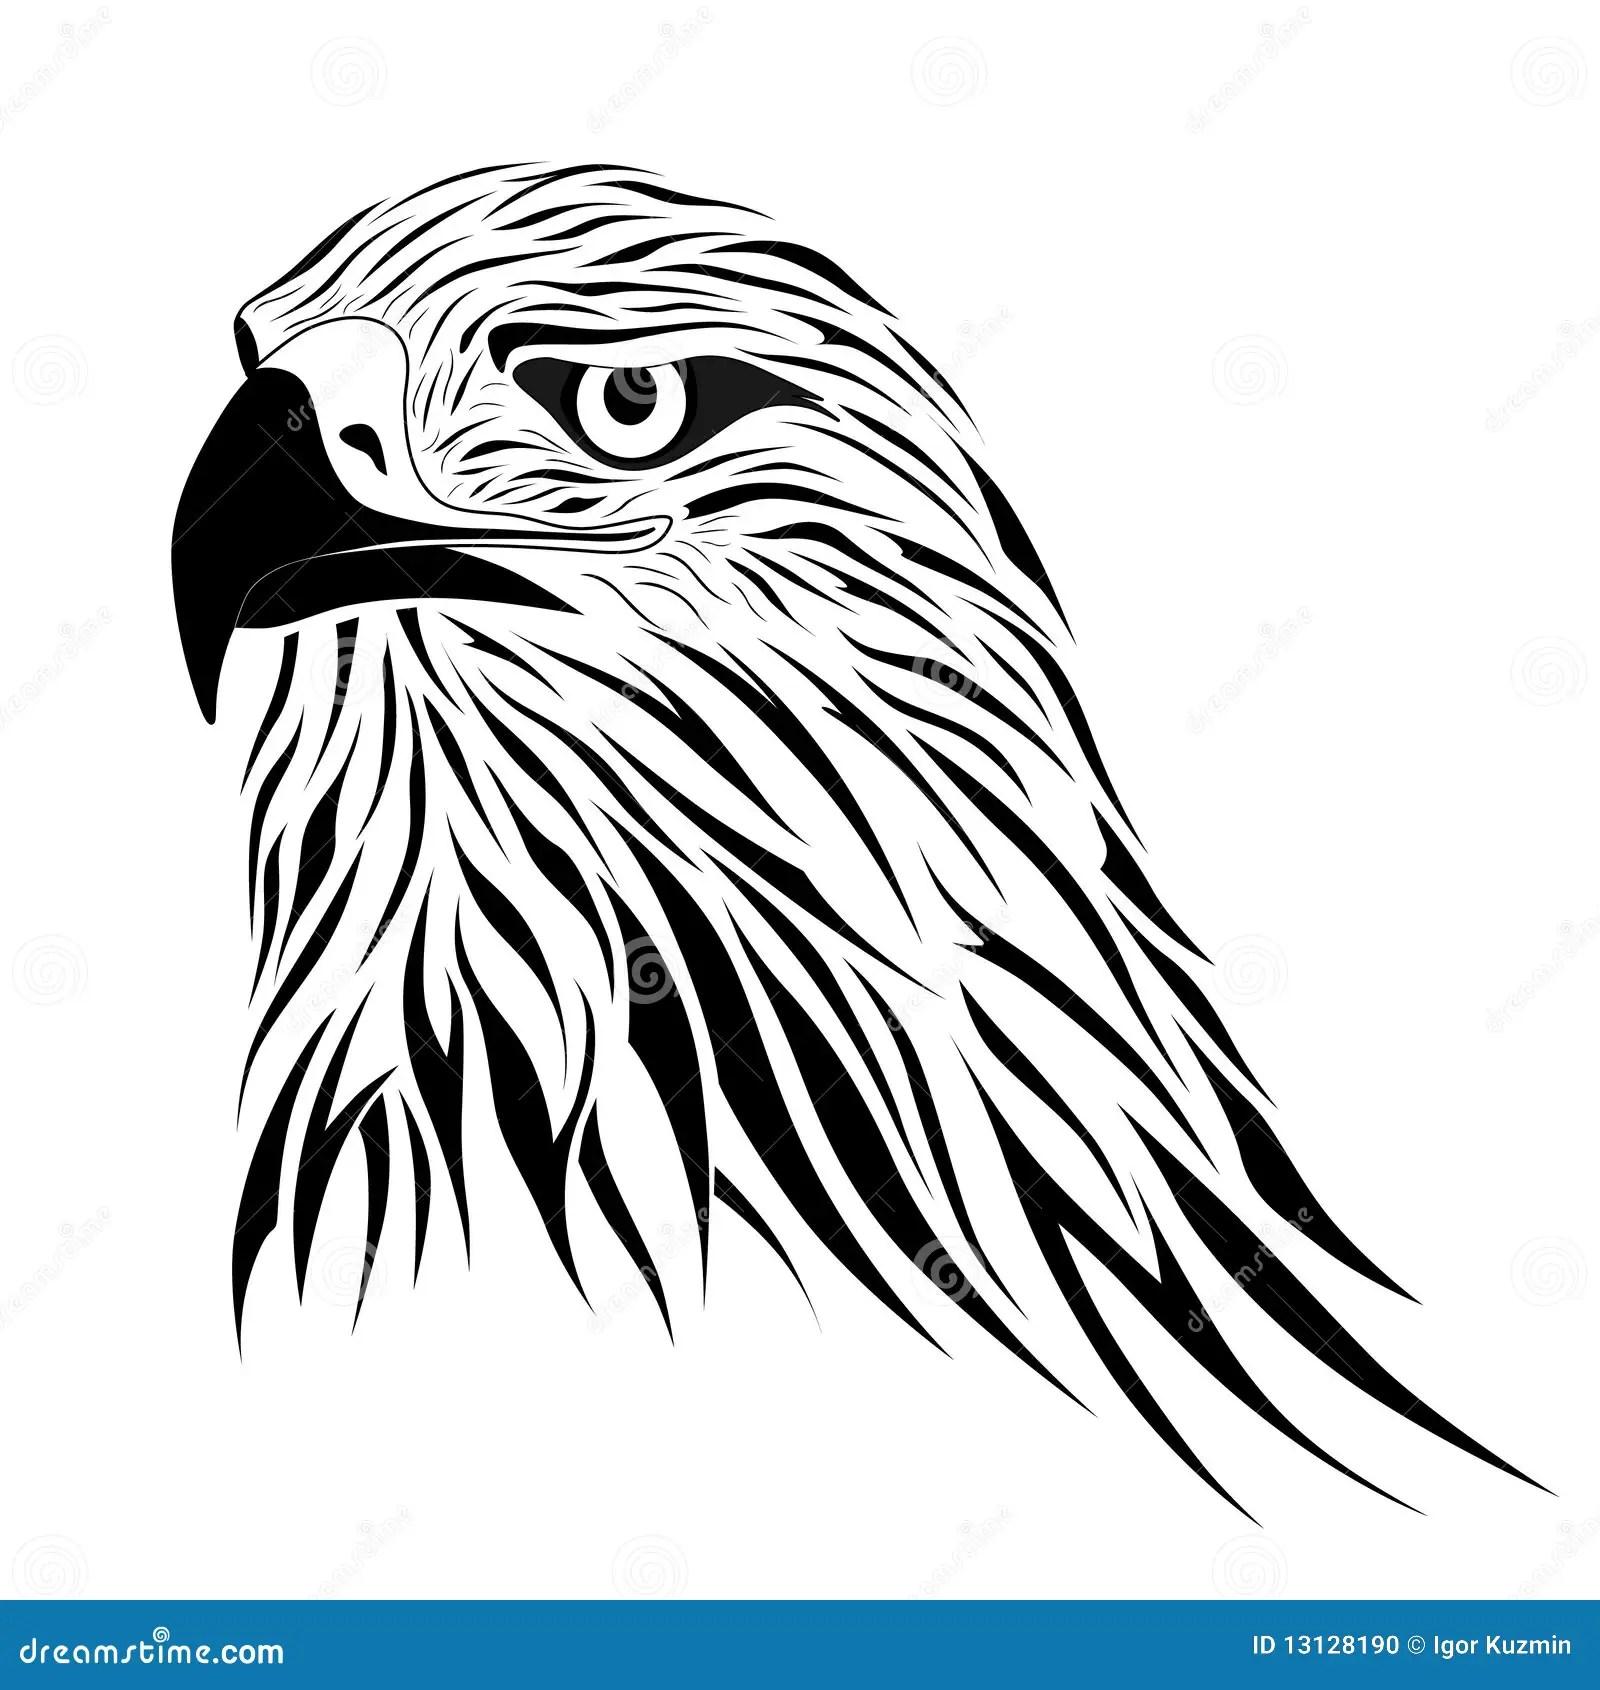 Hawk, tattoo stock vector. Image of hawk, claws, bird